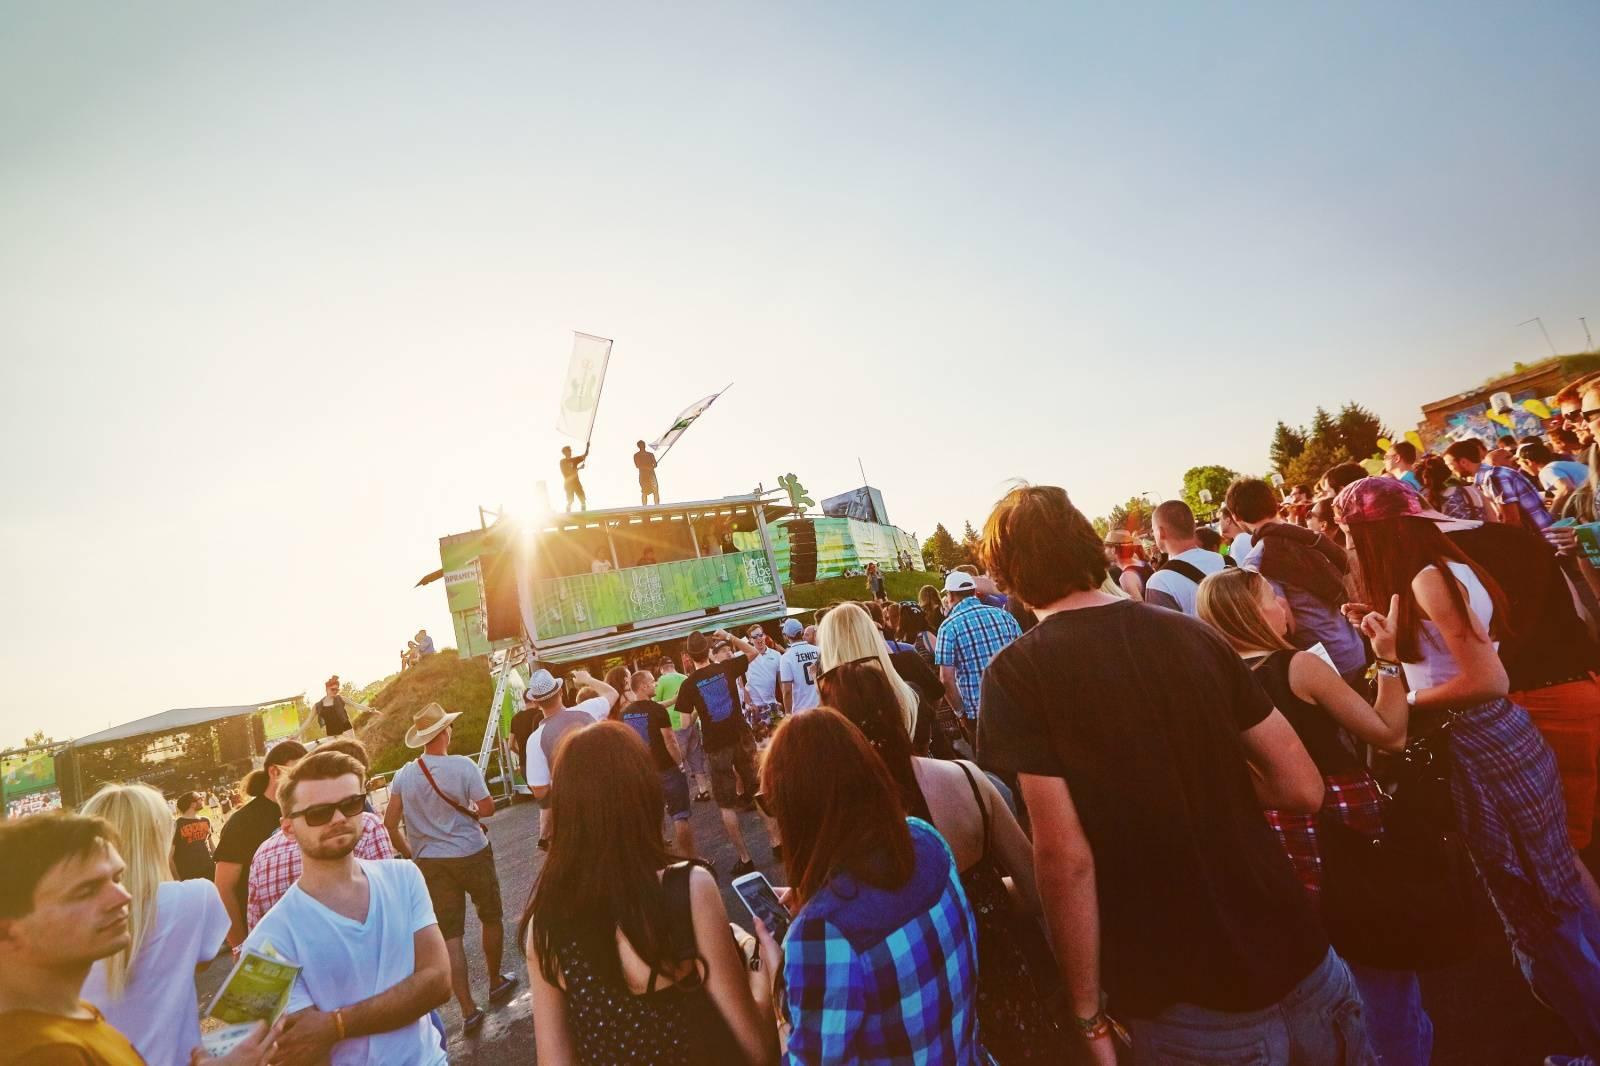 Staropramen opět spojí léto se zábavou. Tradičně bude přítomen na festivalech Rock for People, Hrady CZ a nově také na United Islands of Prague či Metronome